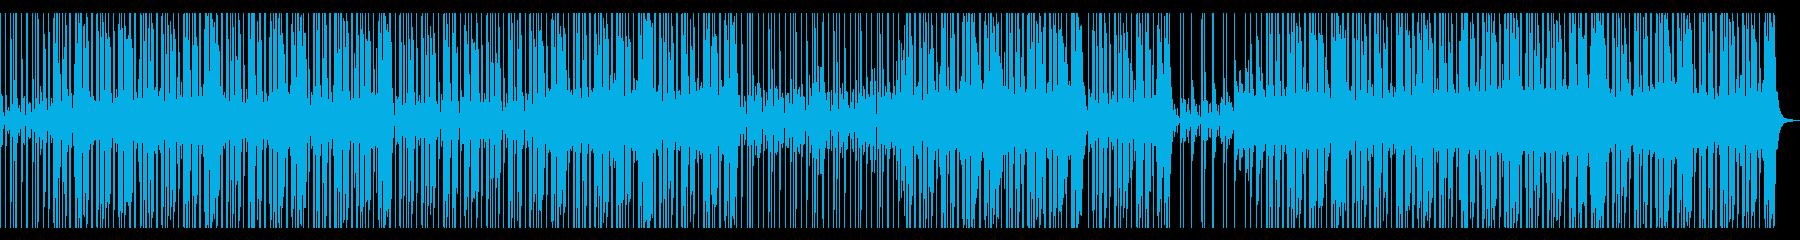 【オケのみ】スローファンクロックの再生済みの波形